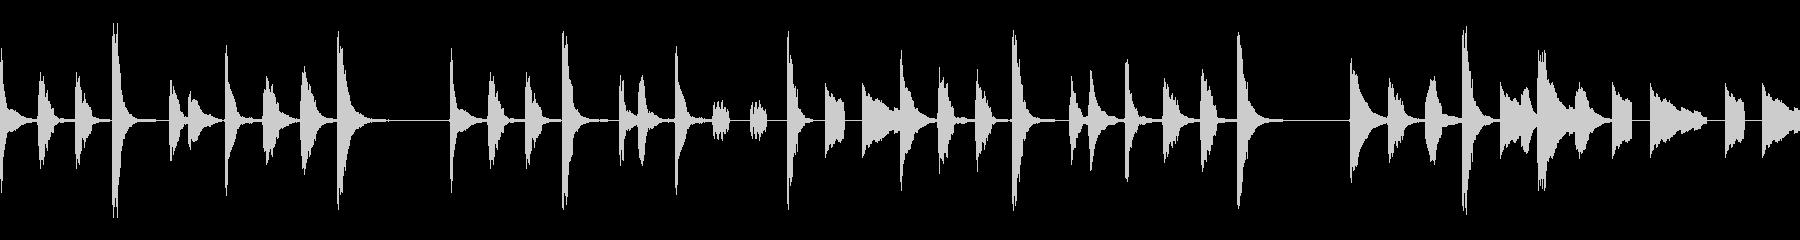 シンプルでコミカルな曲/ループ素材の未再生の波形